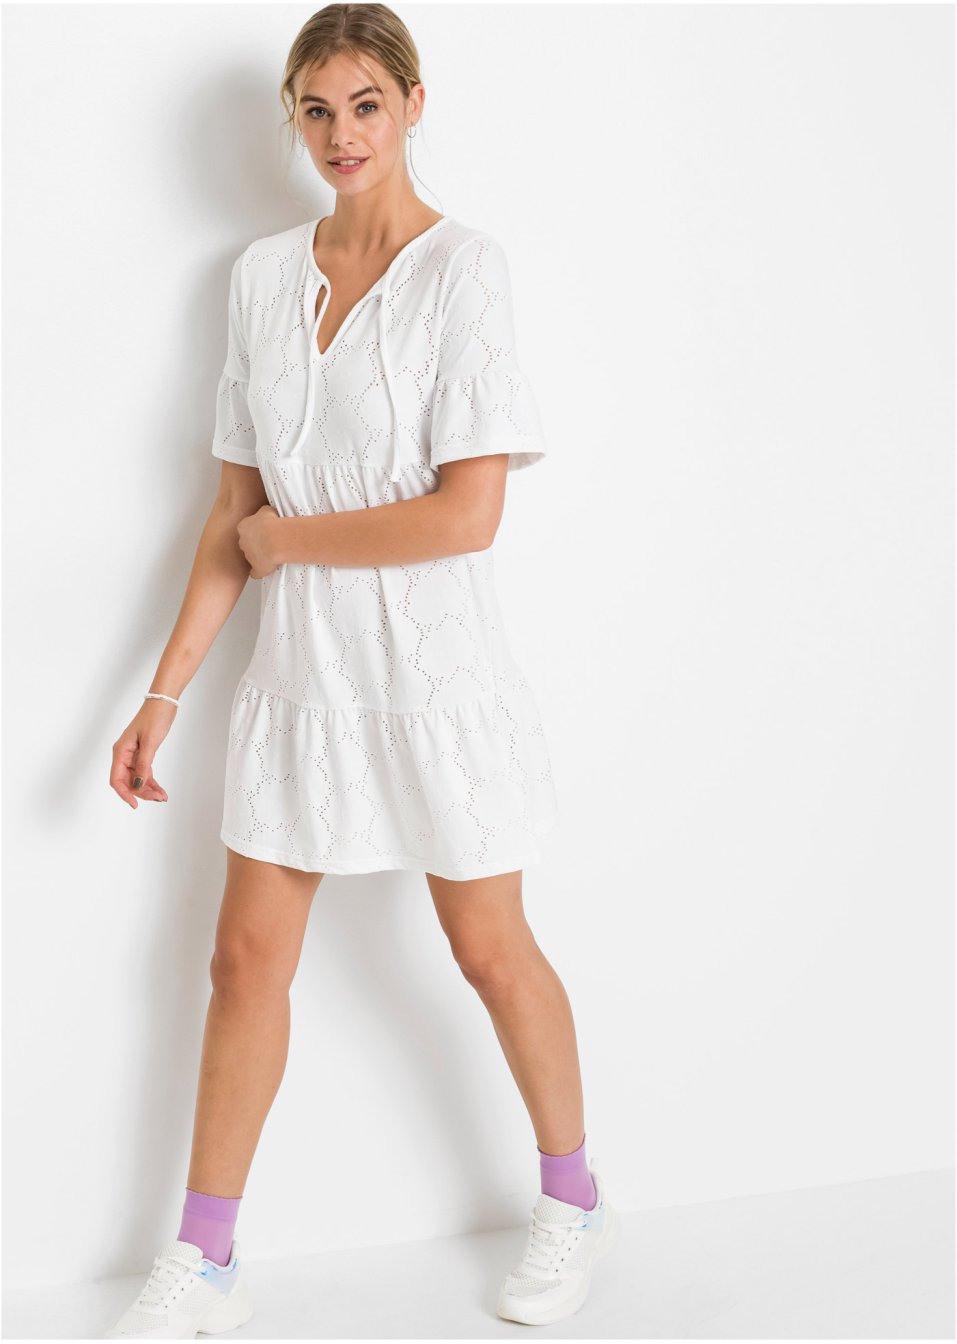 Kleid Mit Volant Weiß  Damen  Rainbow  Bonprixde